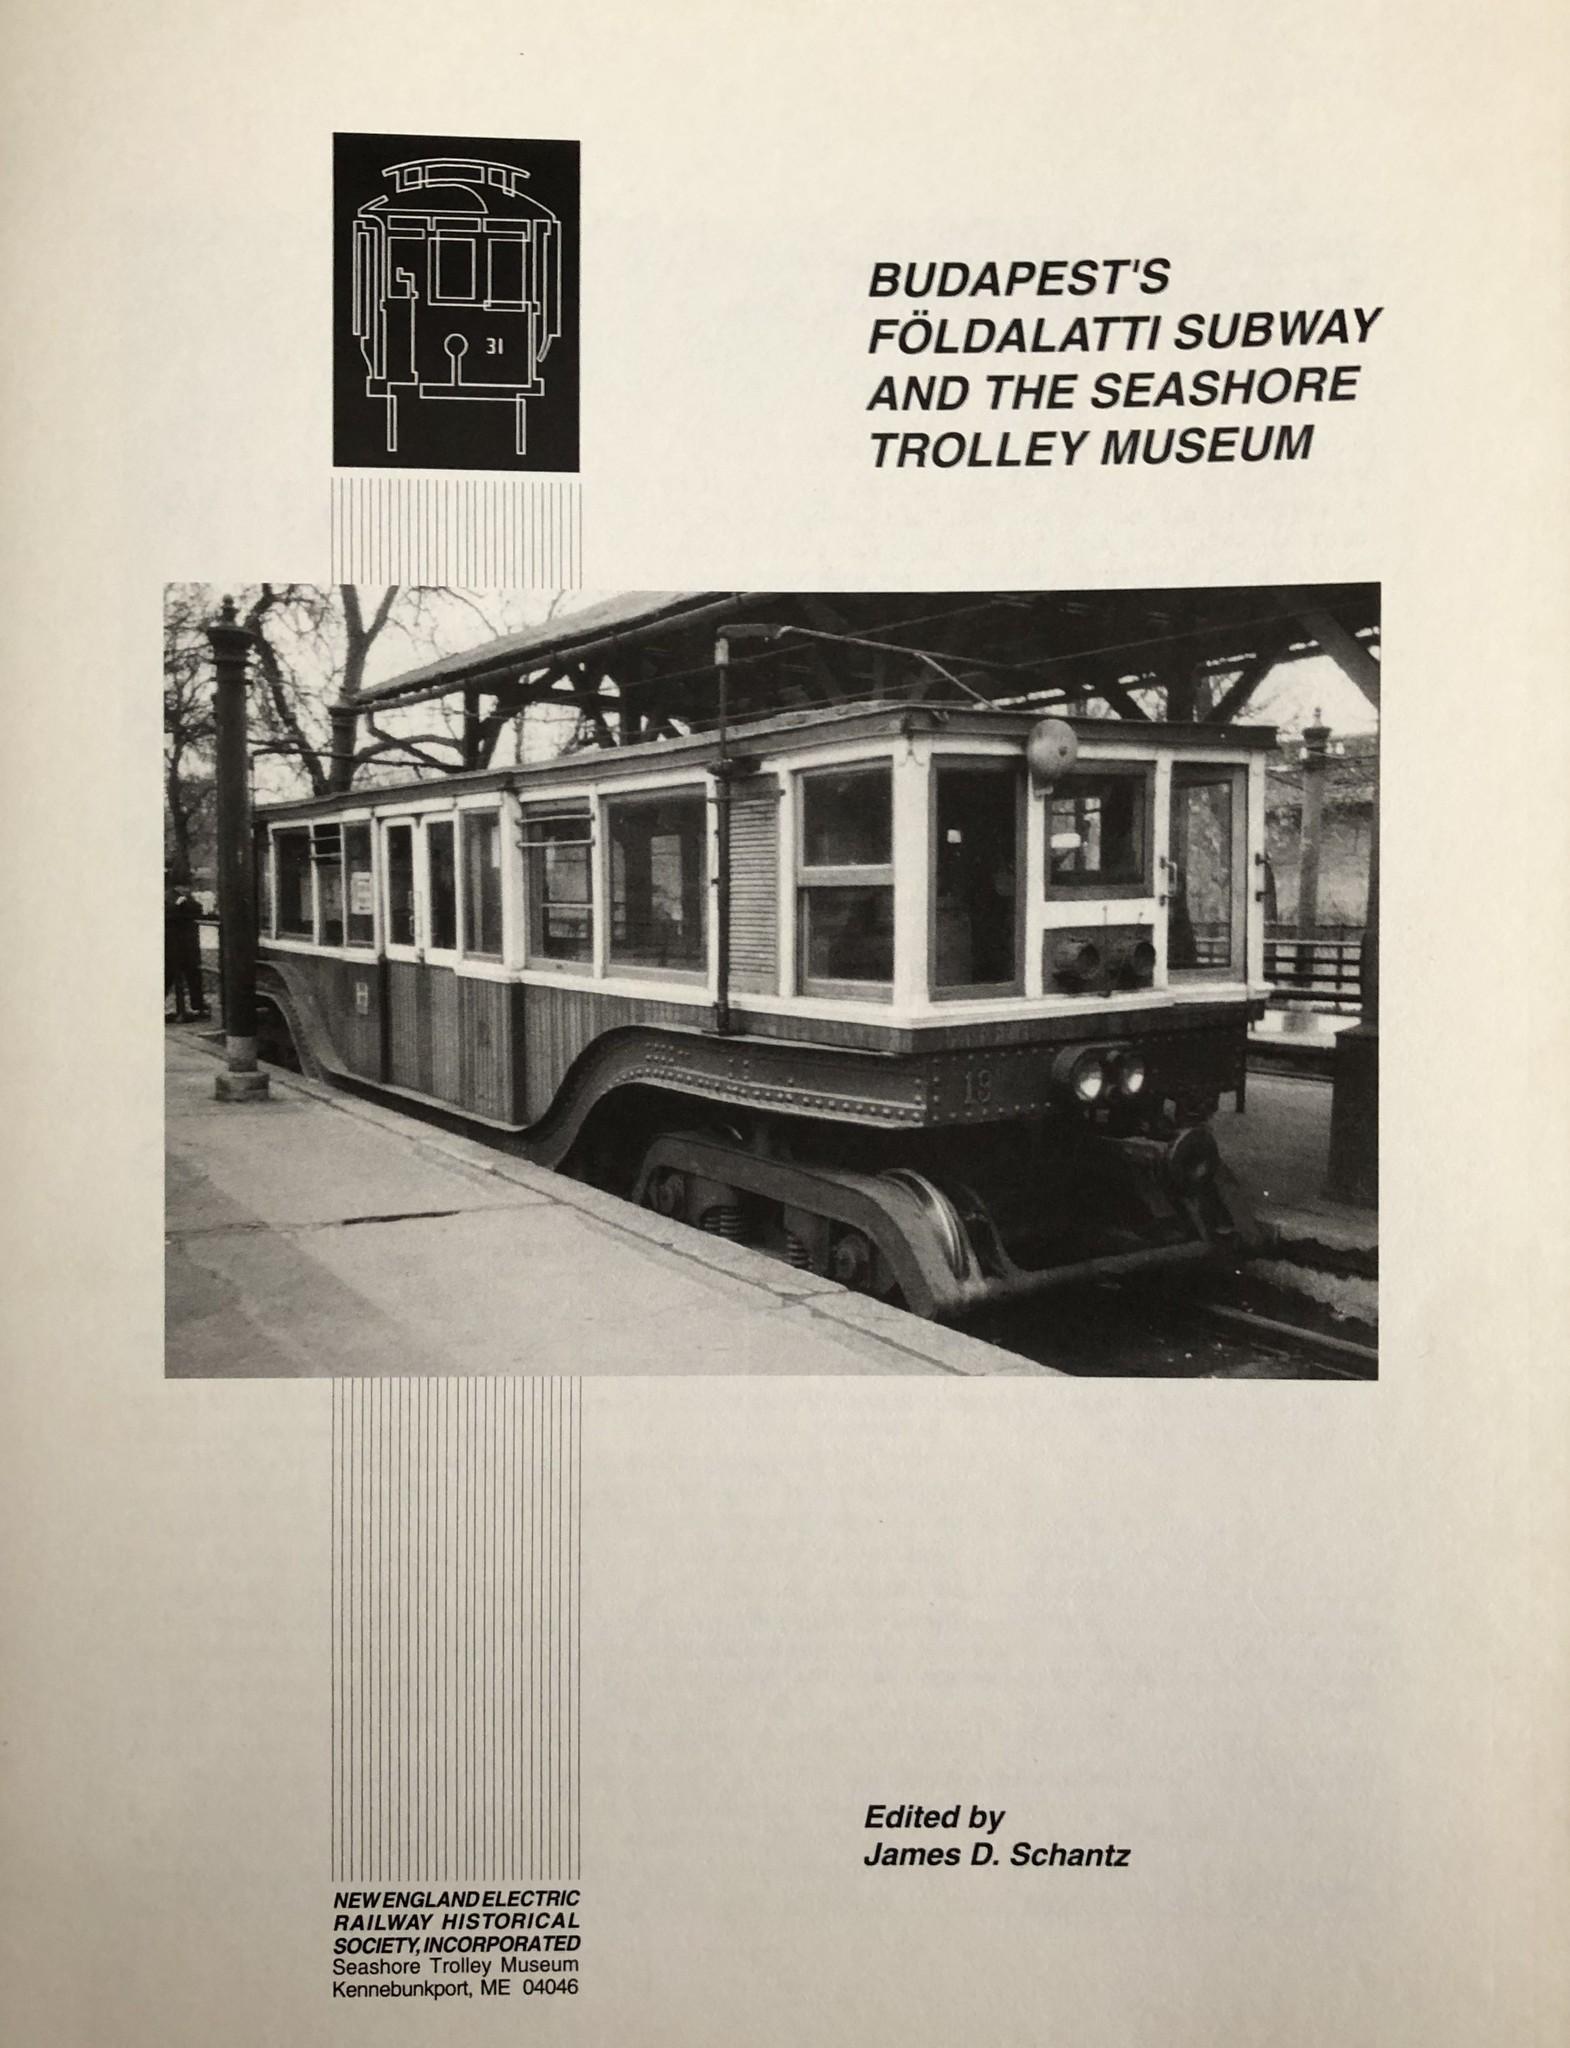 Budapest Foldalatti Subway and the STM